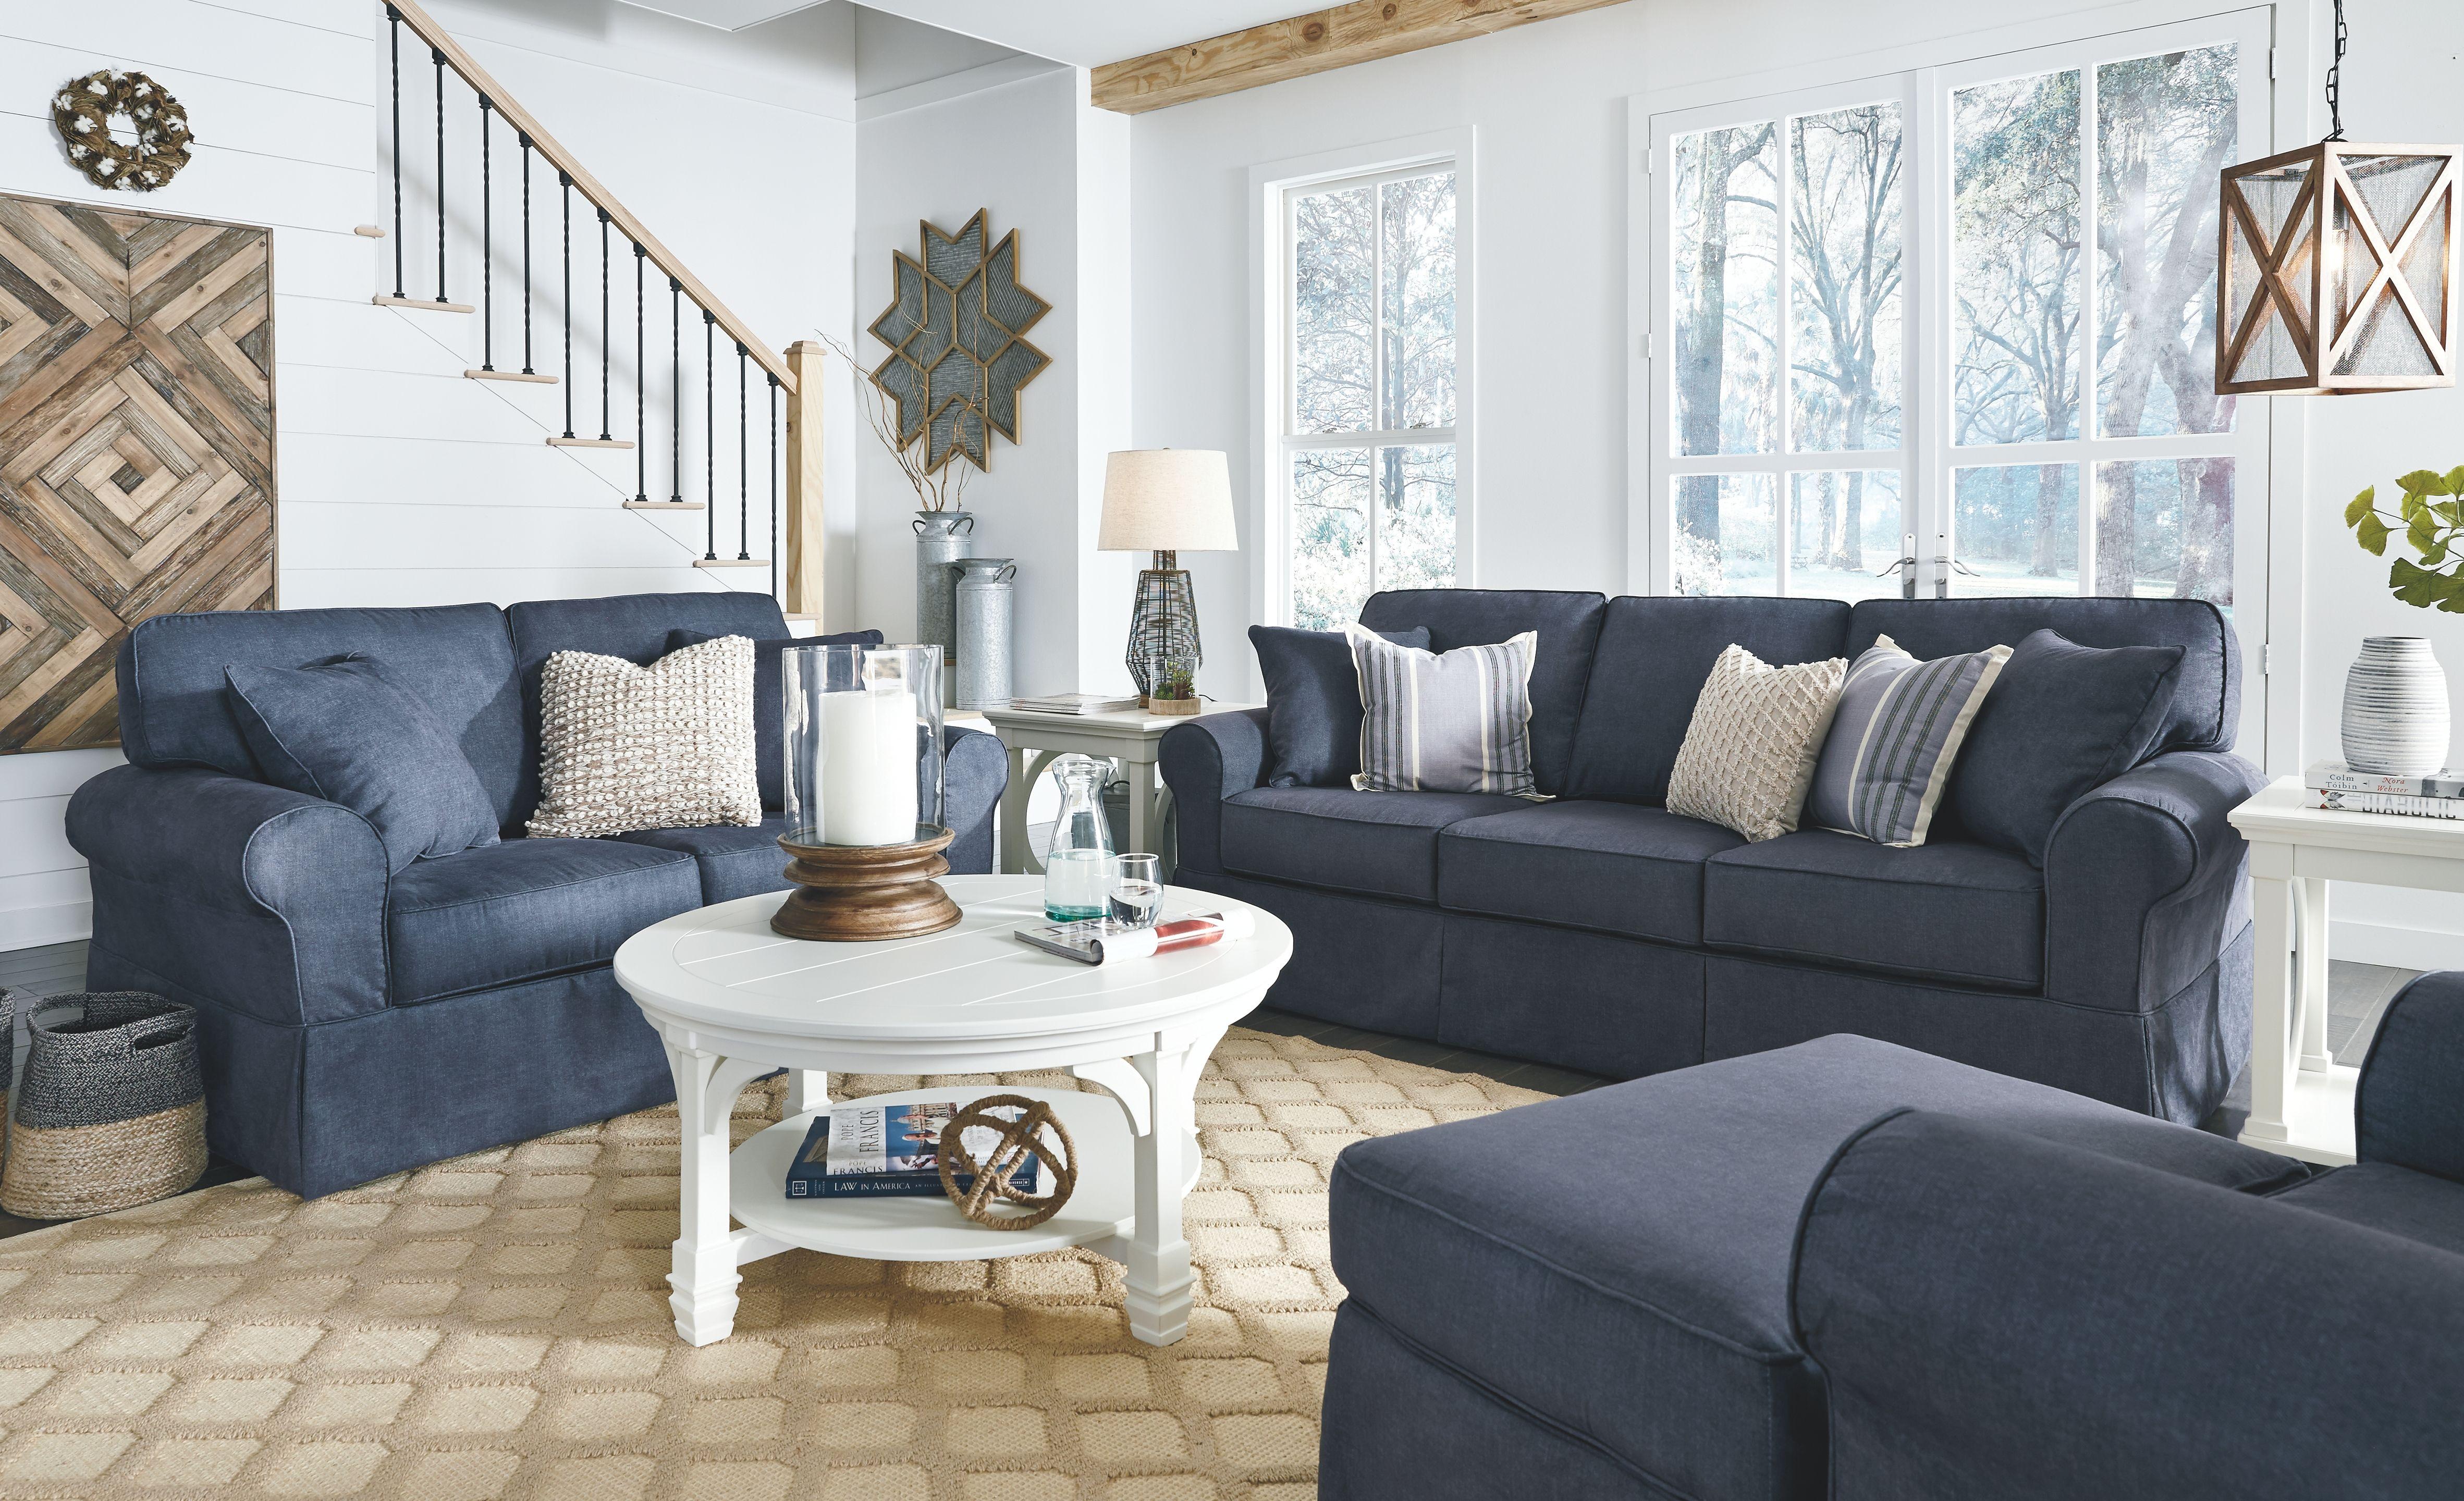 Alano Ottoman Denim Blue Living Room Decor Blue Furniture Living Room Living Room Throws